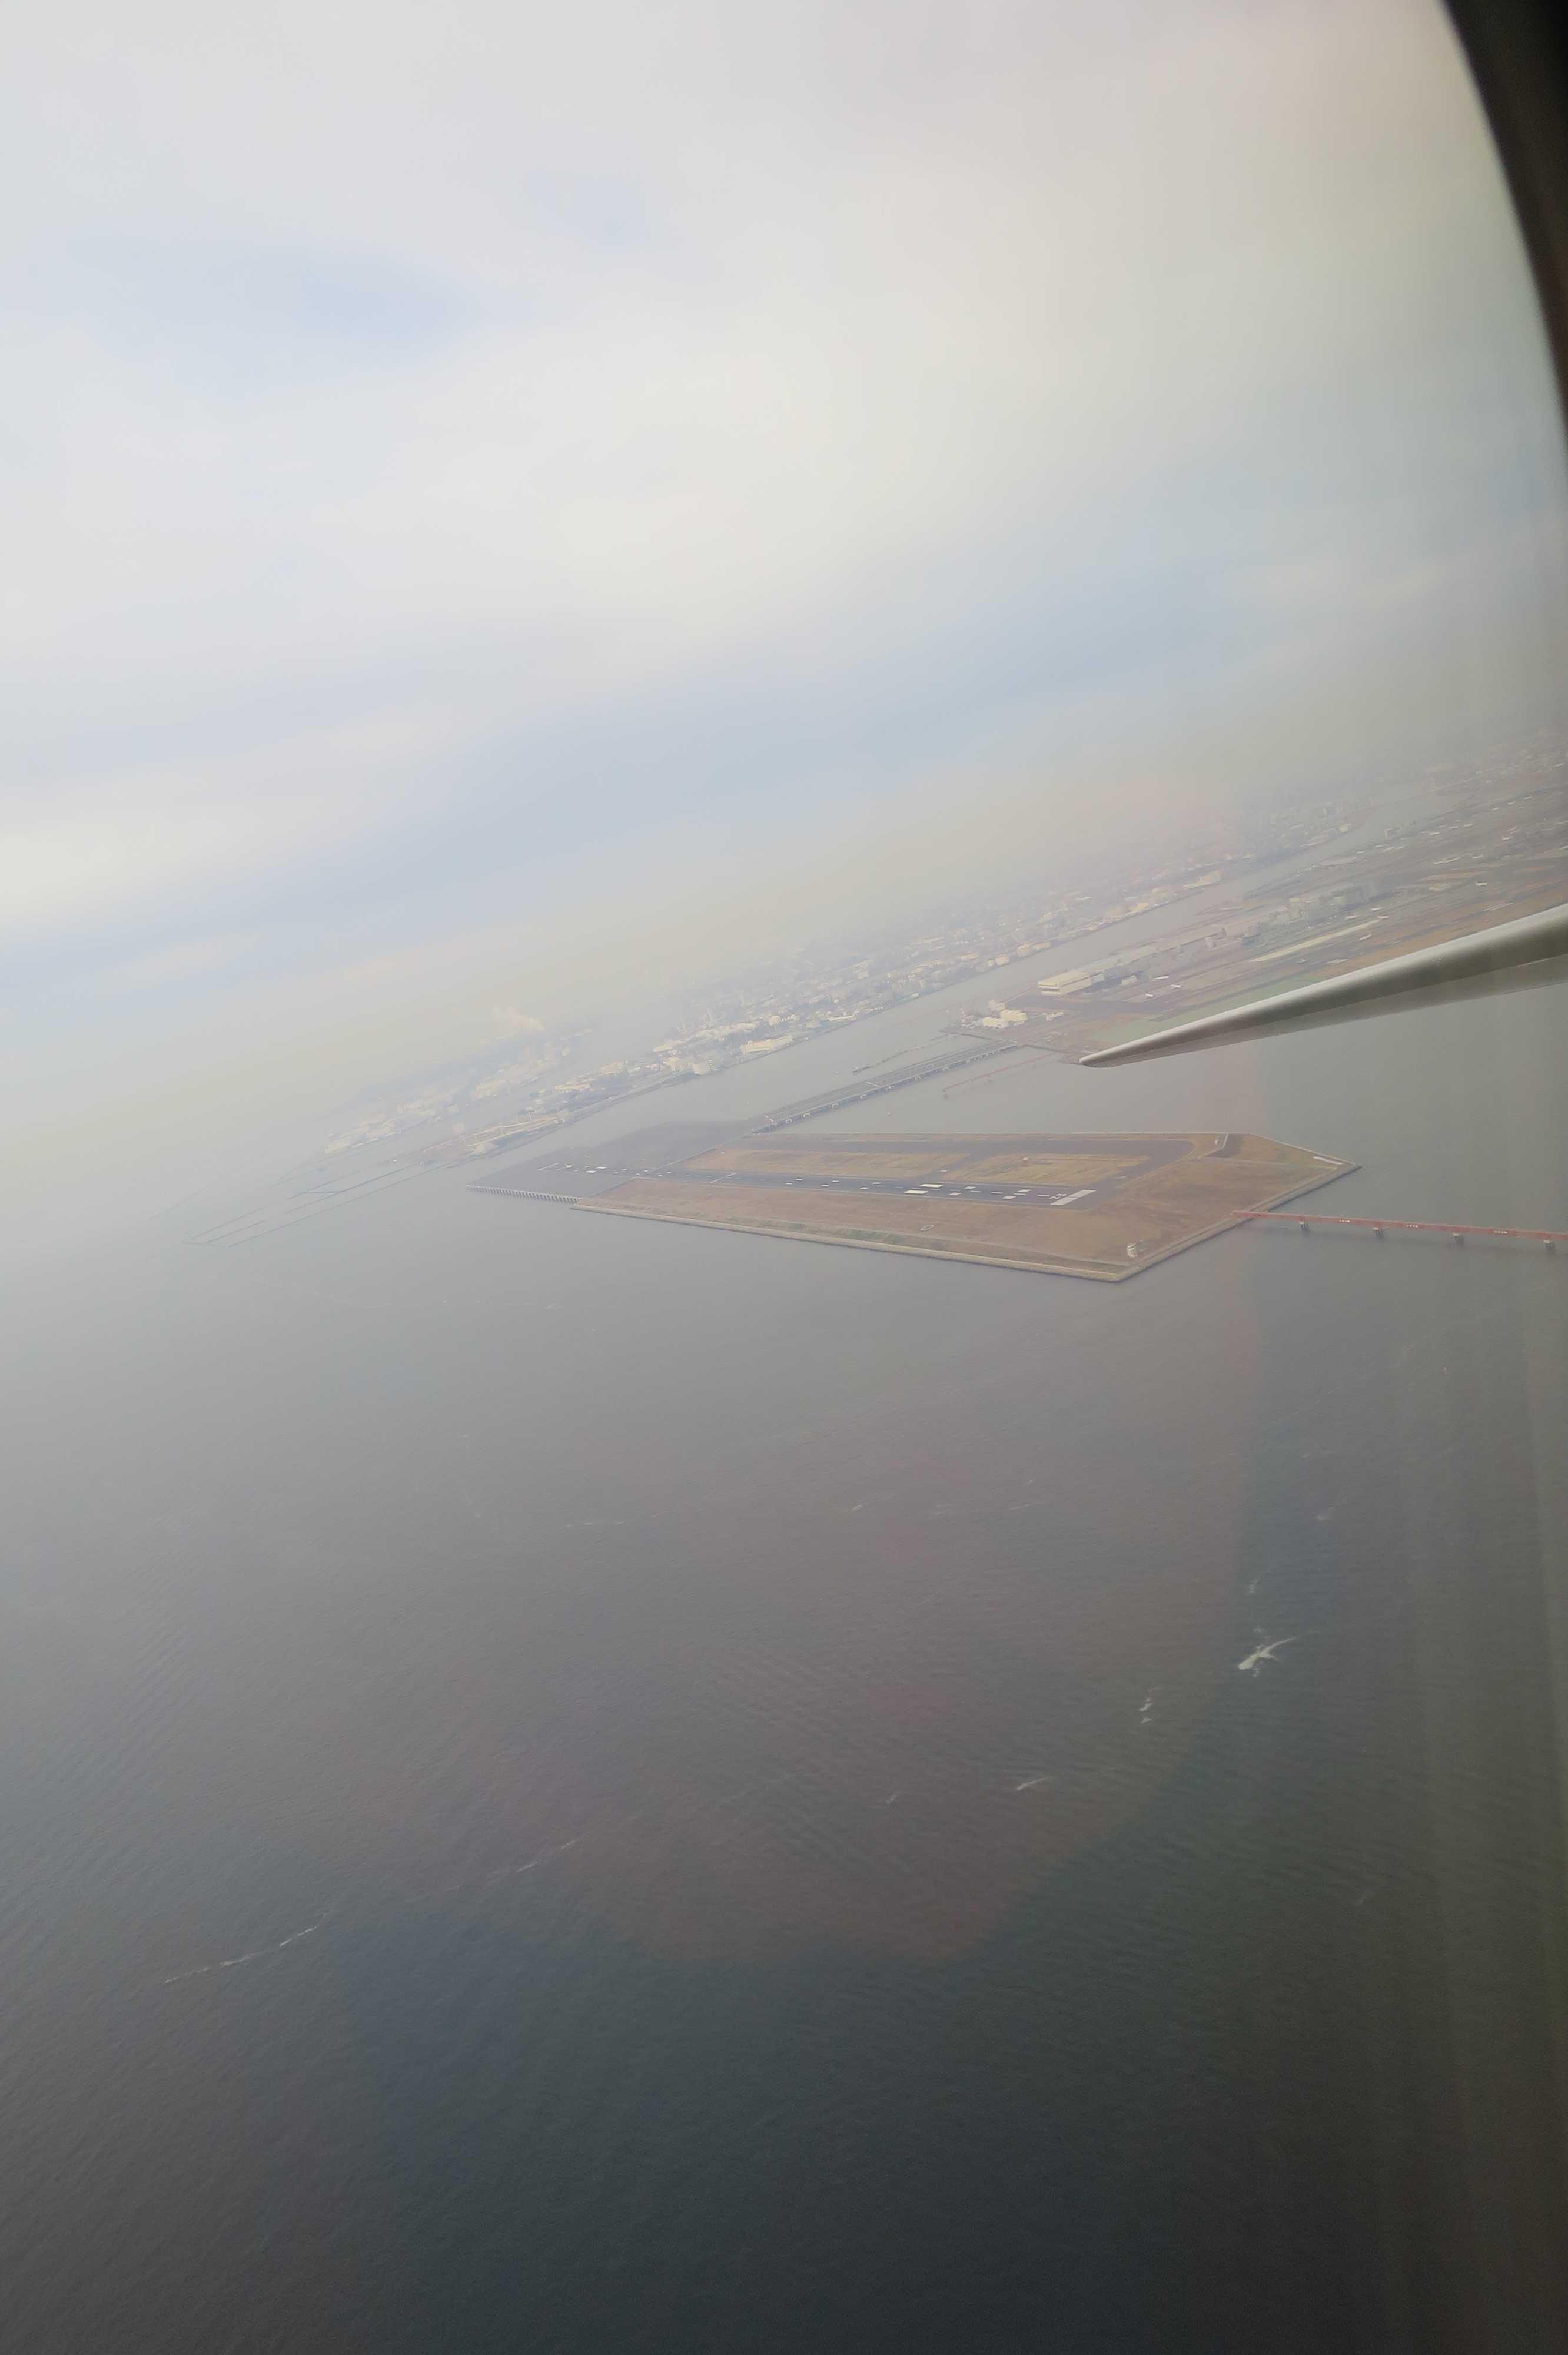 東京湾上空から見えた羽田空港の滑走路